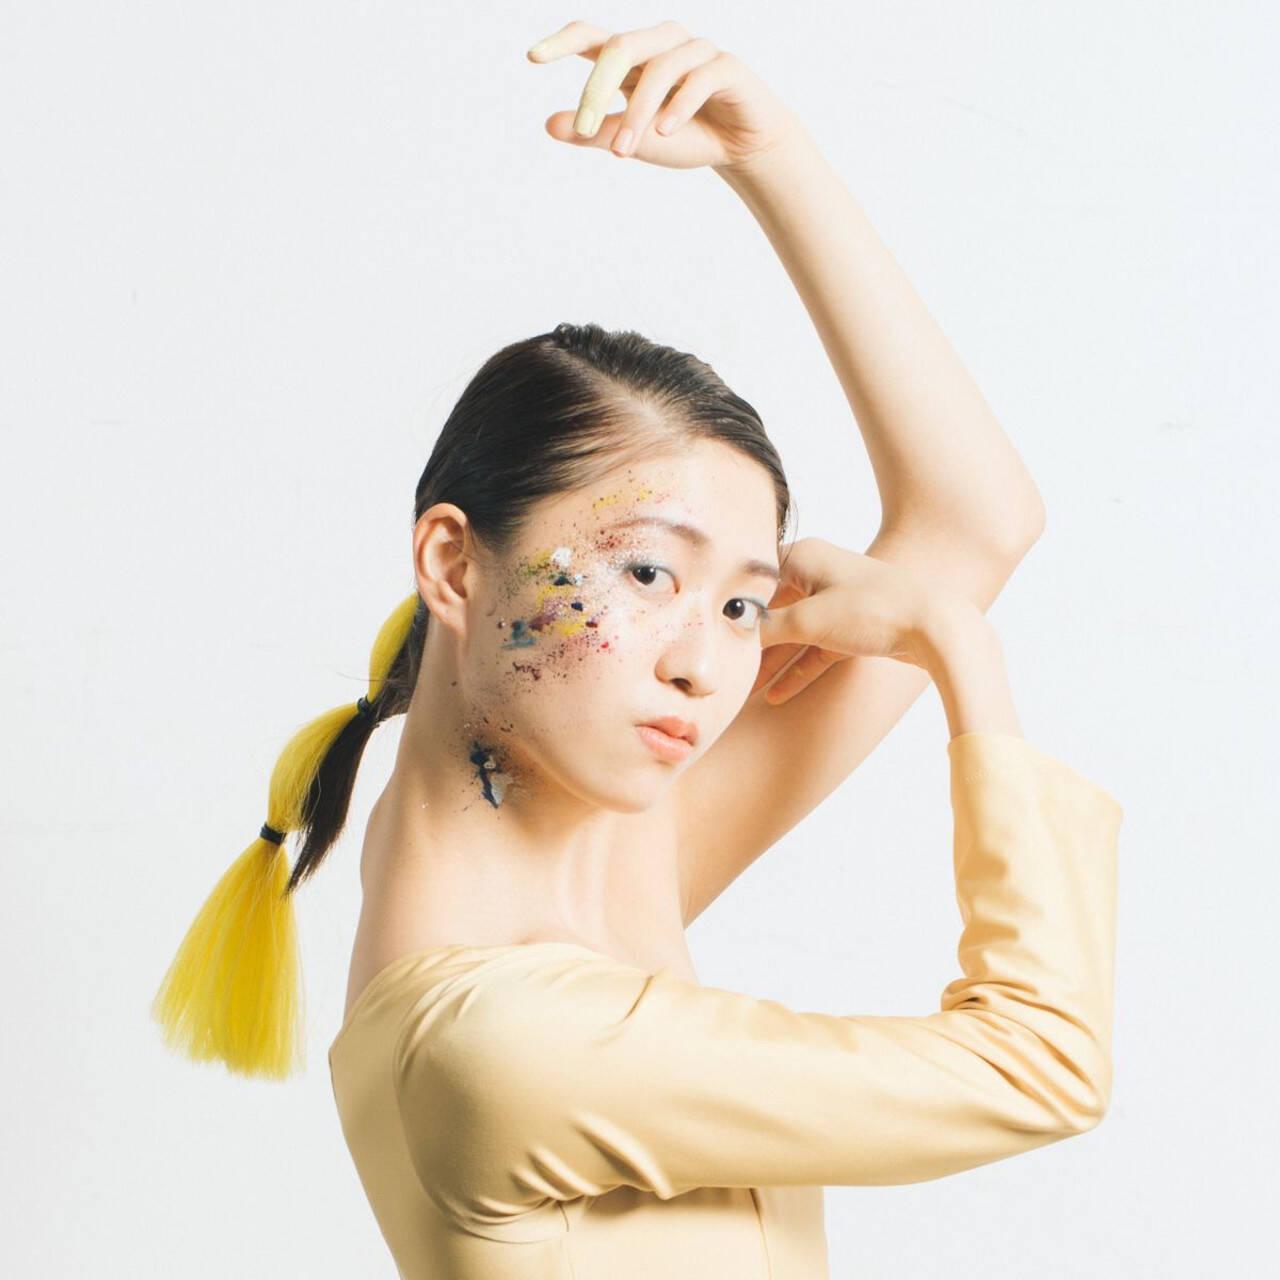 ヘアアレンジ ヴィーナスコレクション モード ヘアメイクヘアスタイルや髪型の写真・画像